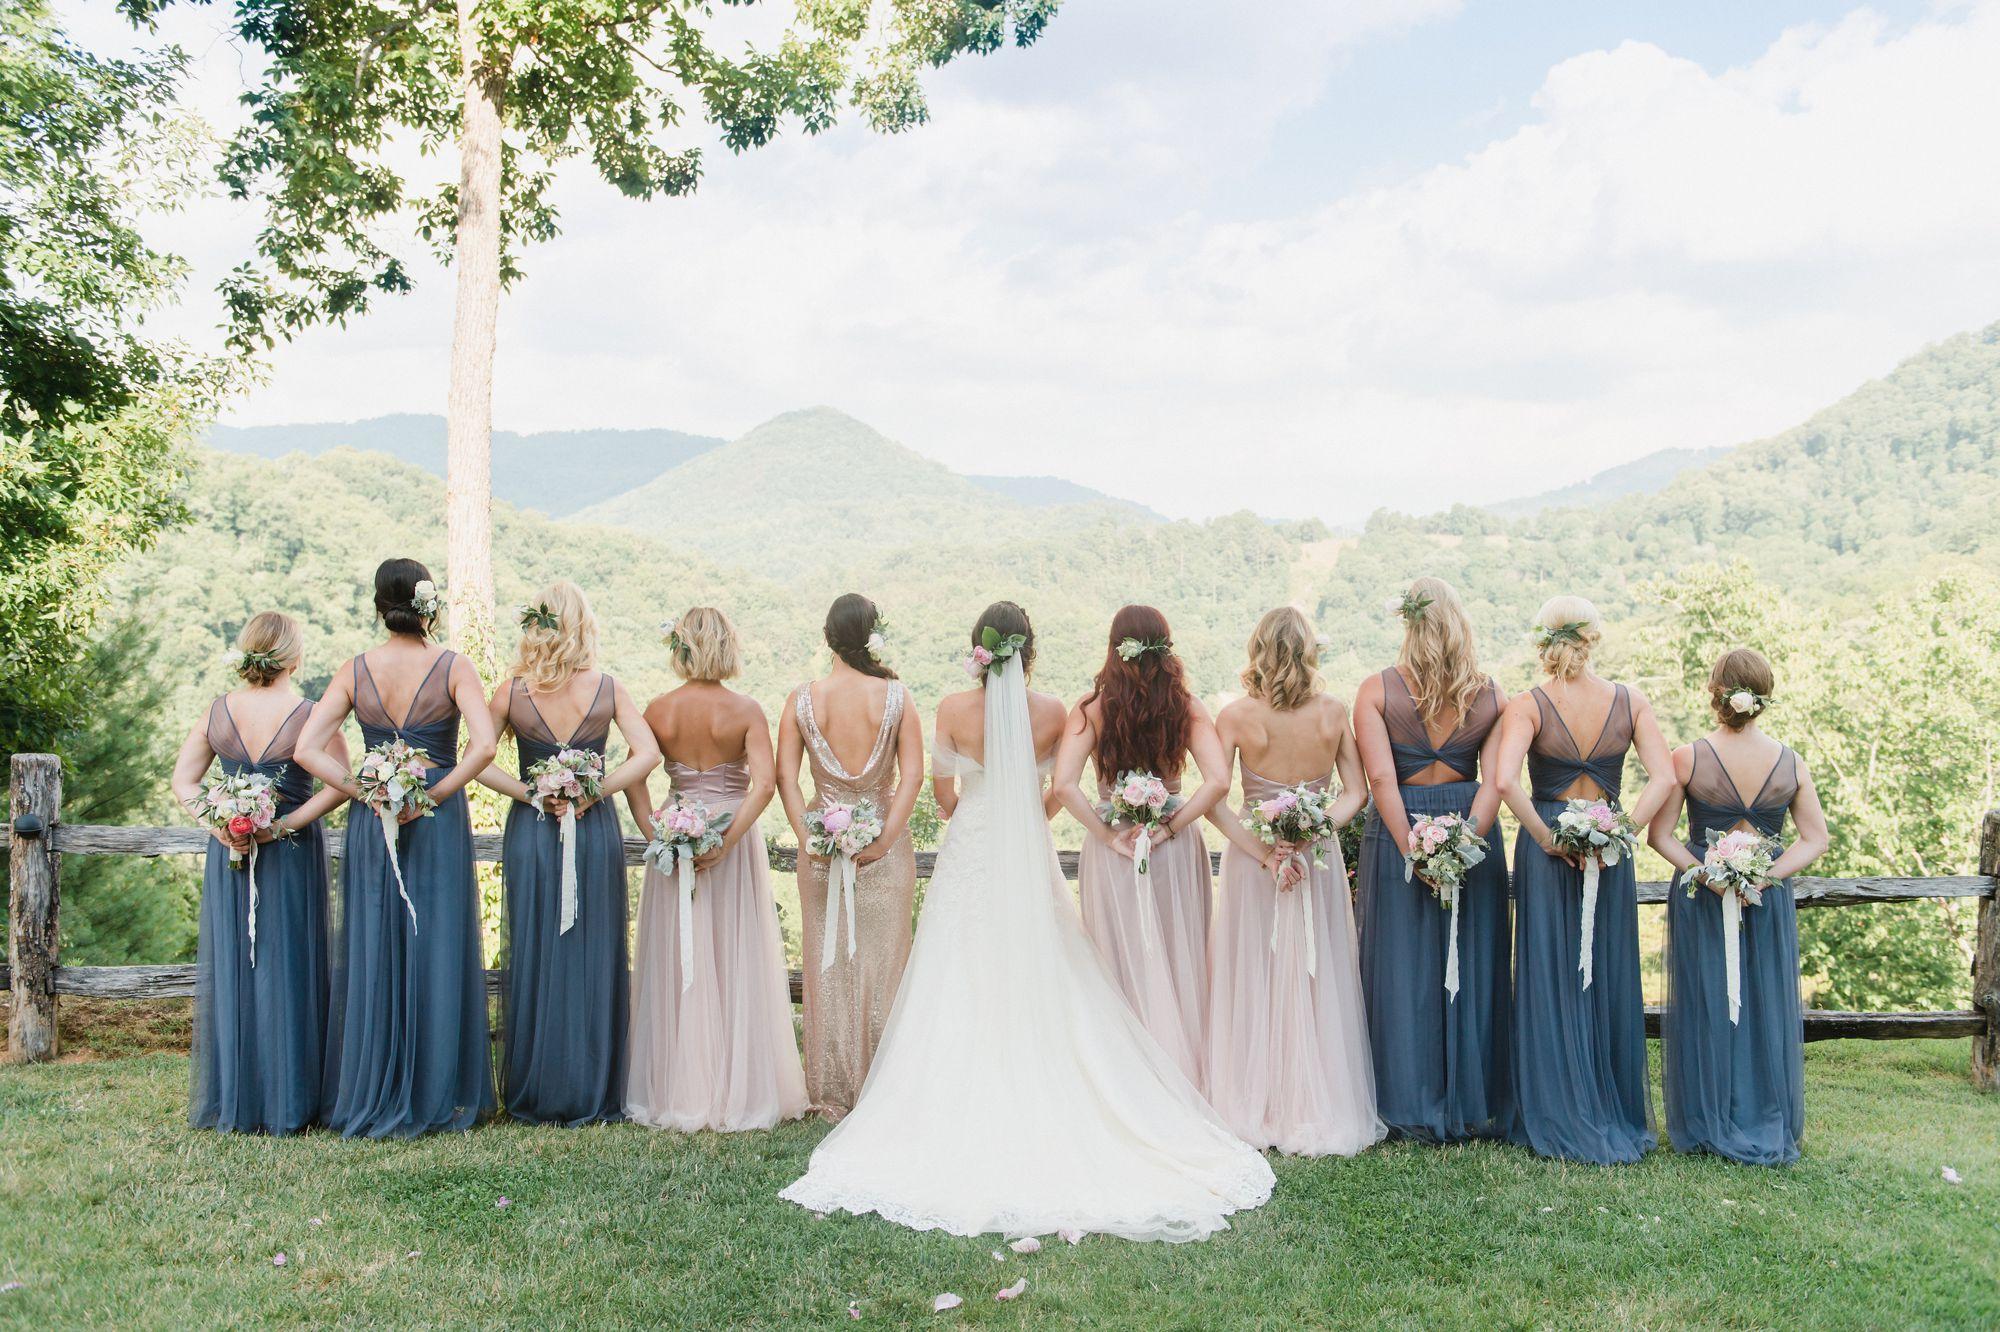 castle-ladyhawke-destination-wedding 43